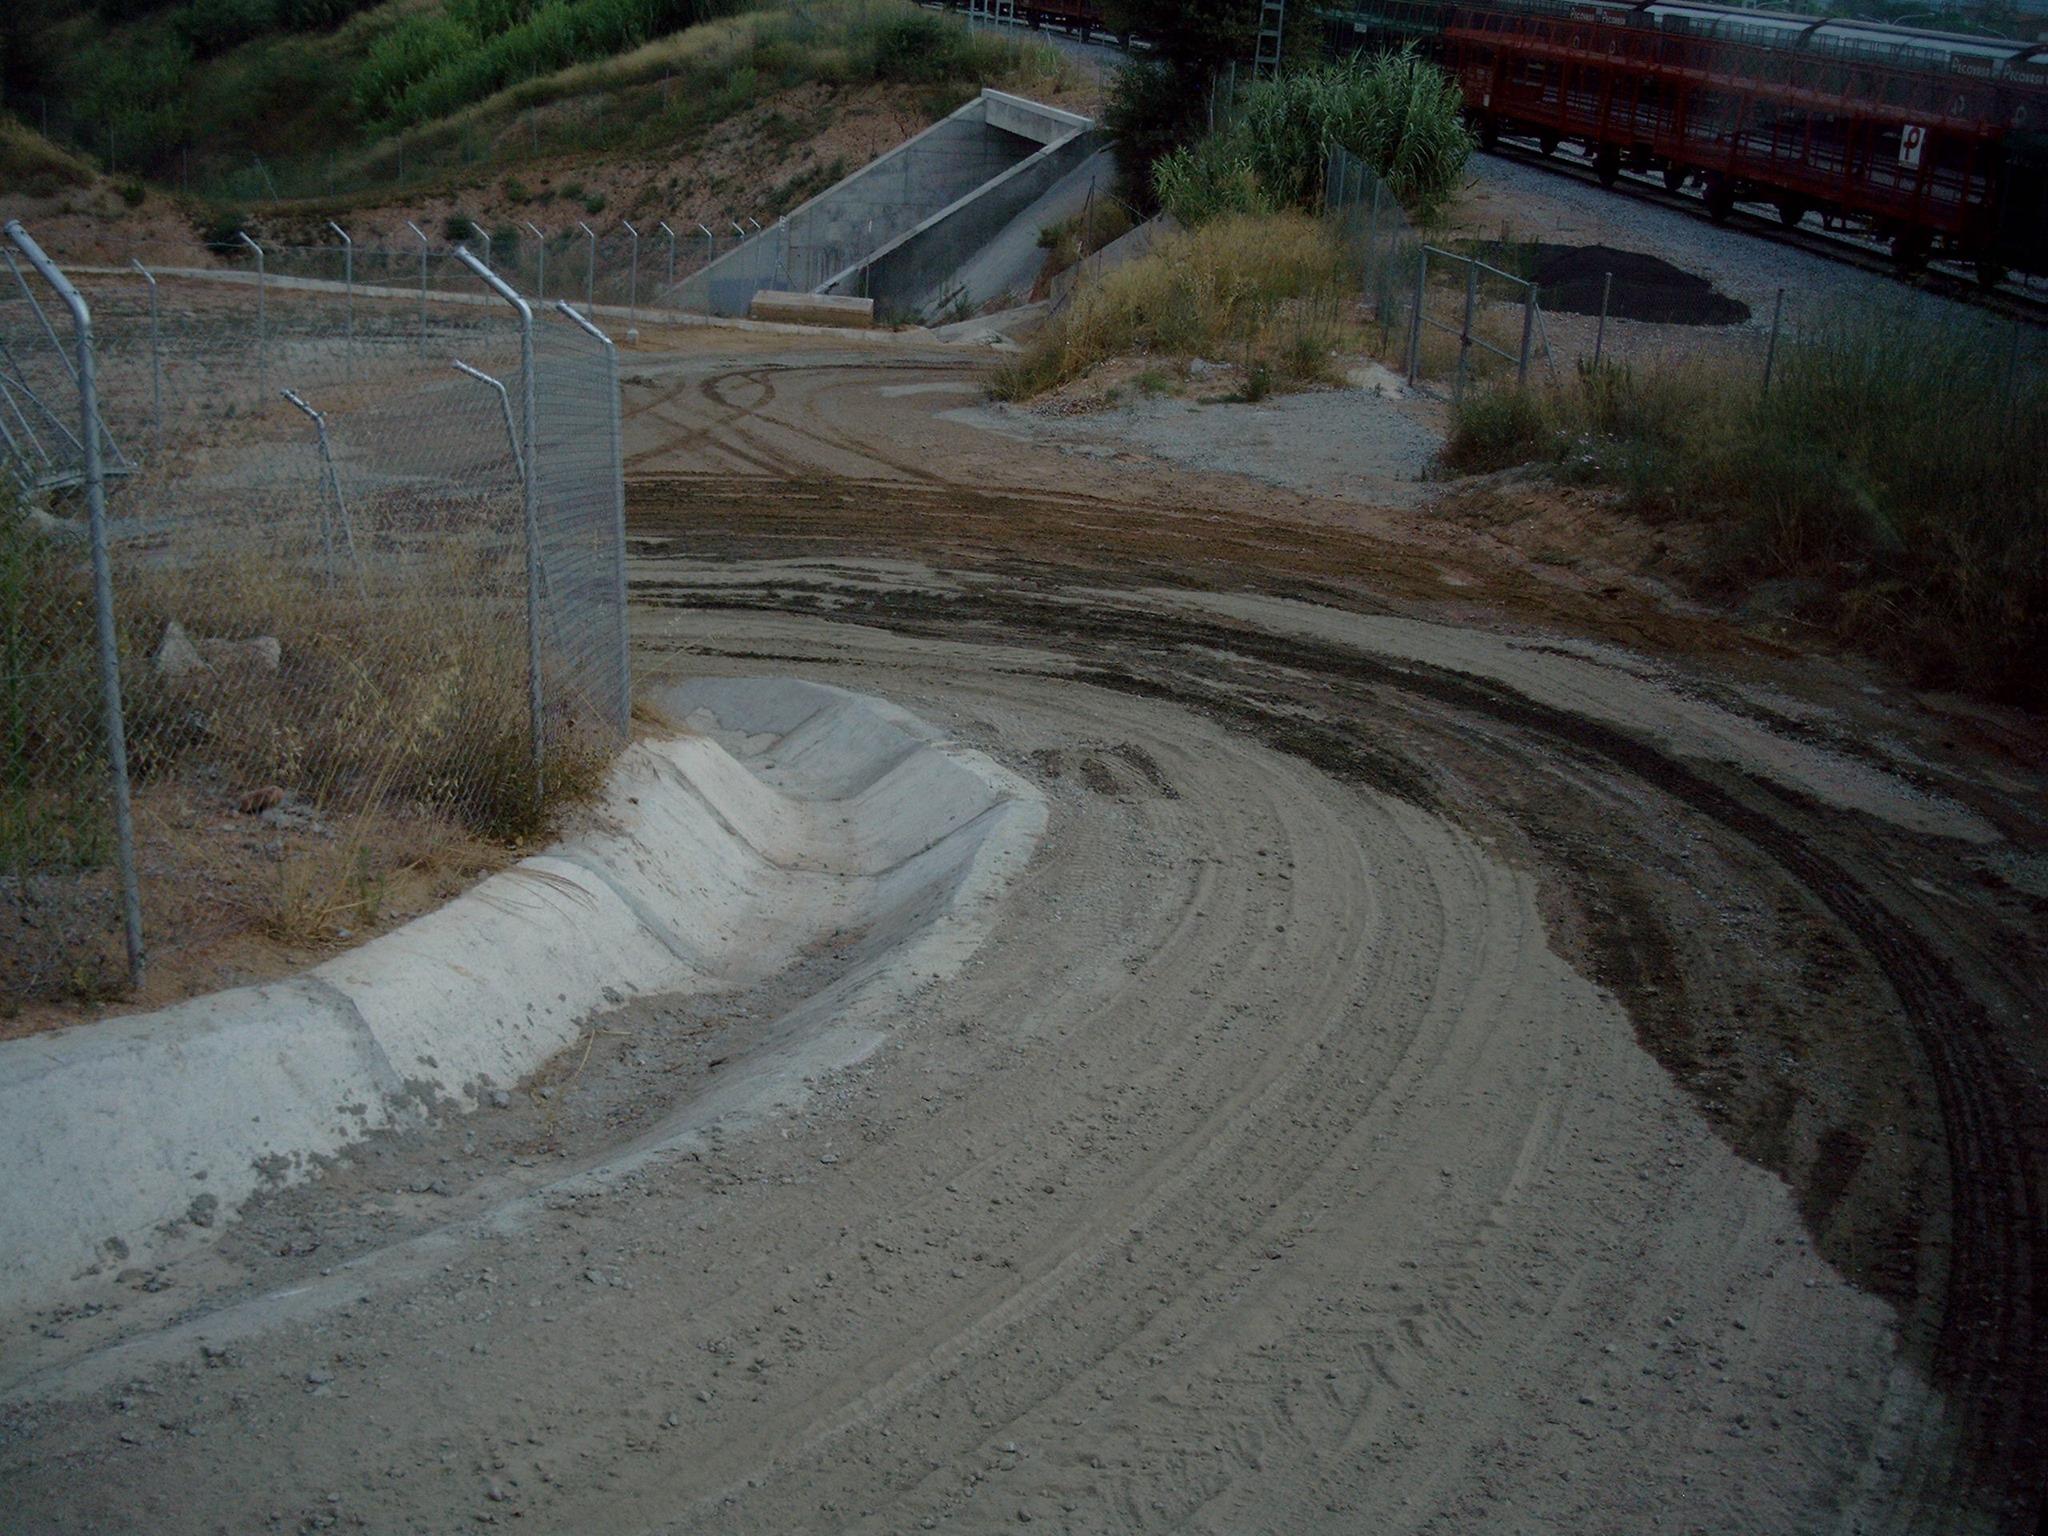 Zufahrt-zum-Tunnelneubau--Anliefern-von-Eisenbahnschwellen-(1)